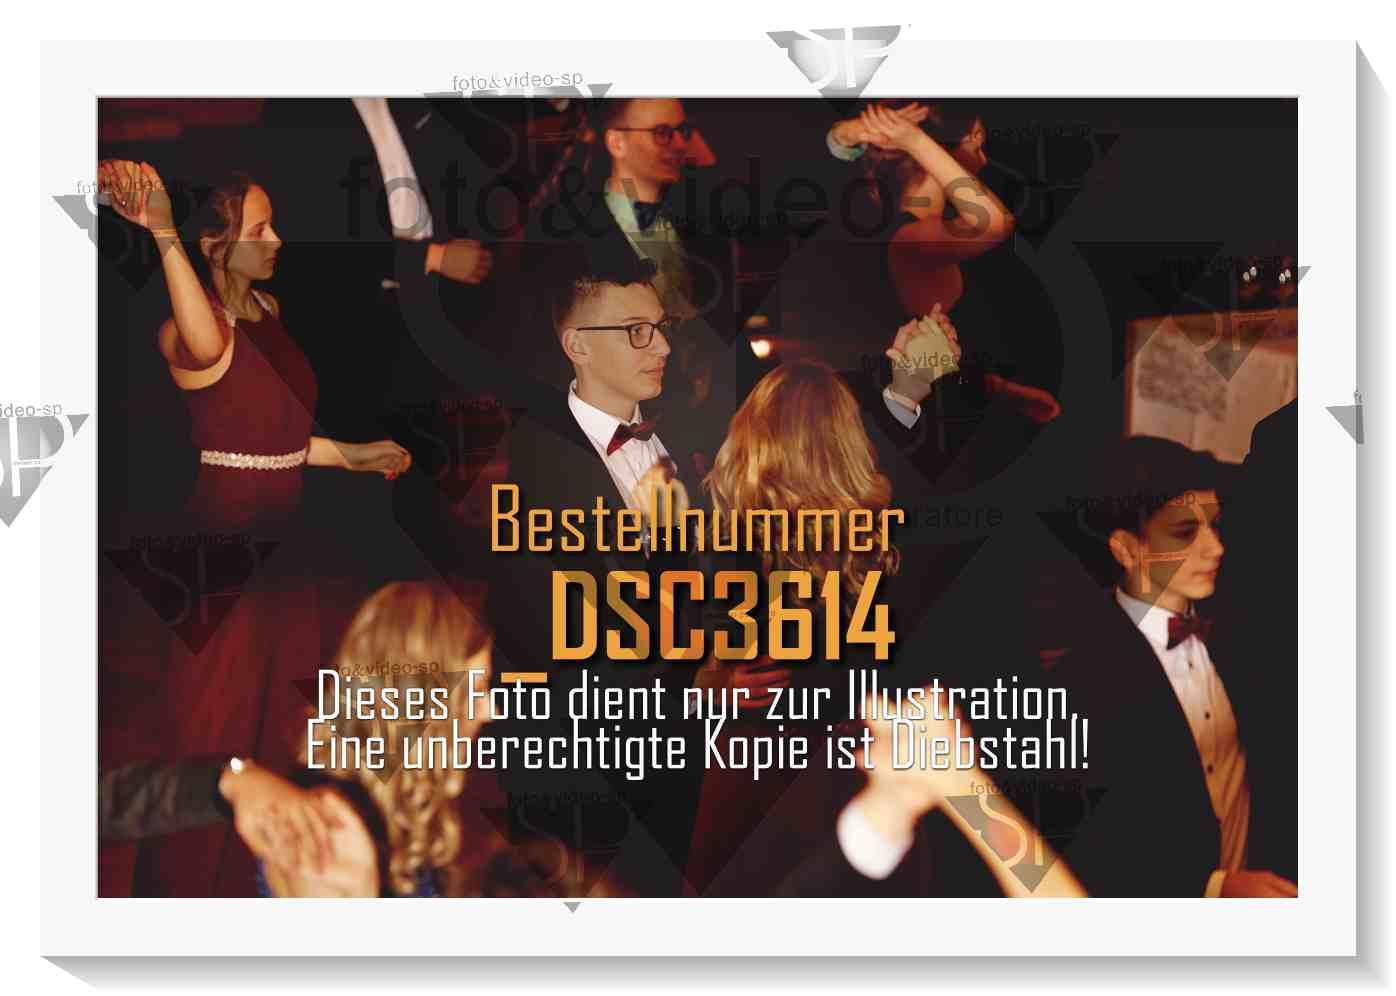 DSC3614